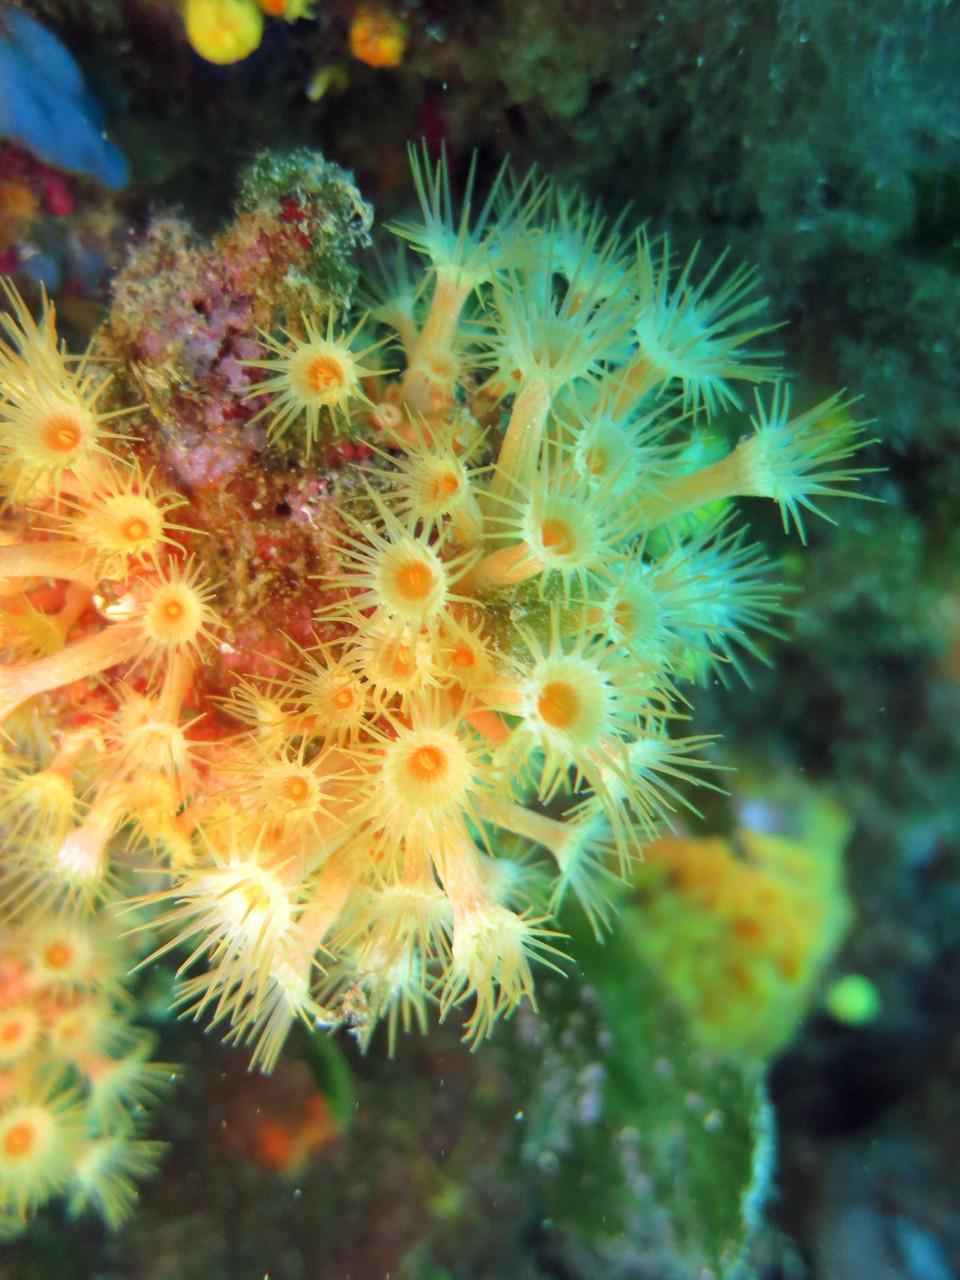 """Anémones encroutantes jaunes """"Parazoanthus axinellae"""" hexacoralliaire cnidaire. La Ciotat. Crédit : Jean-Luc Beaud"""